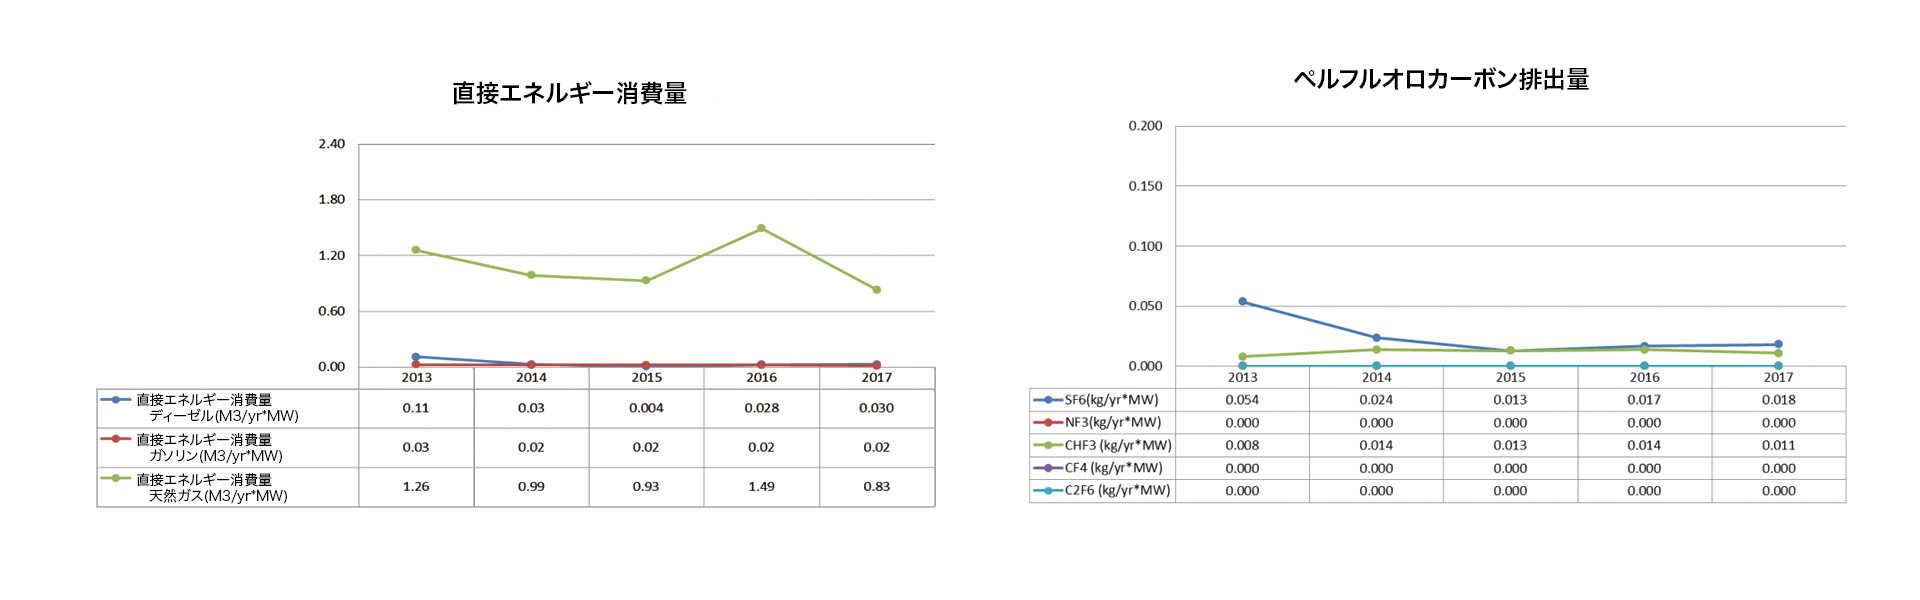 直接エネルギー消費量、ペルフルオロカーボン排出量